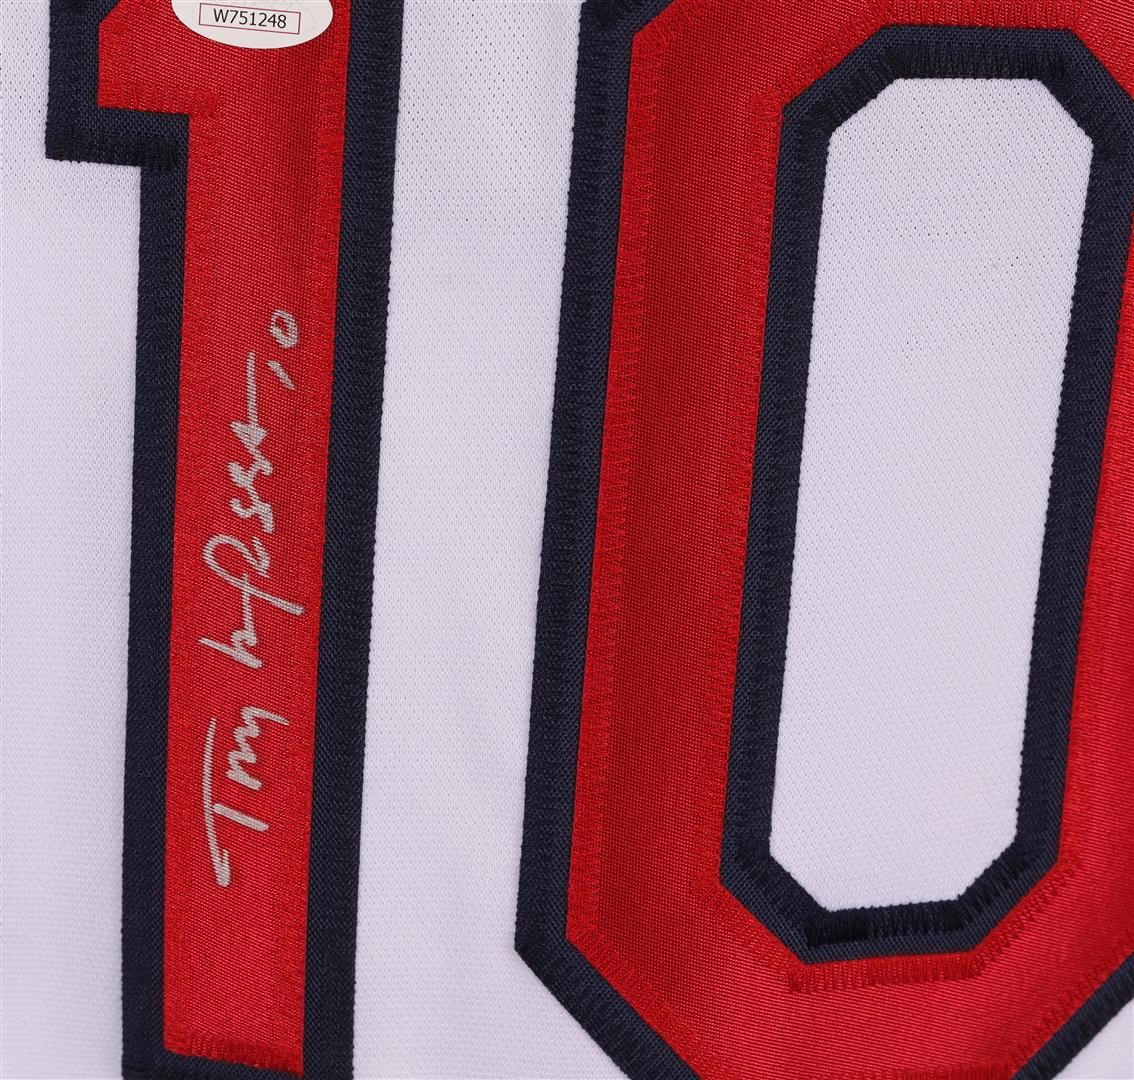 St Luis Cardinals Tony Larussa Autographed Jersey